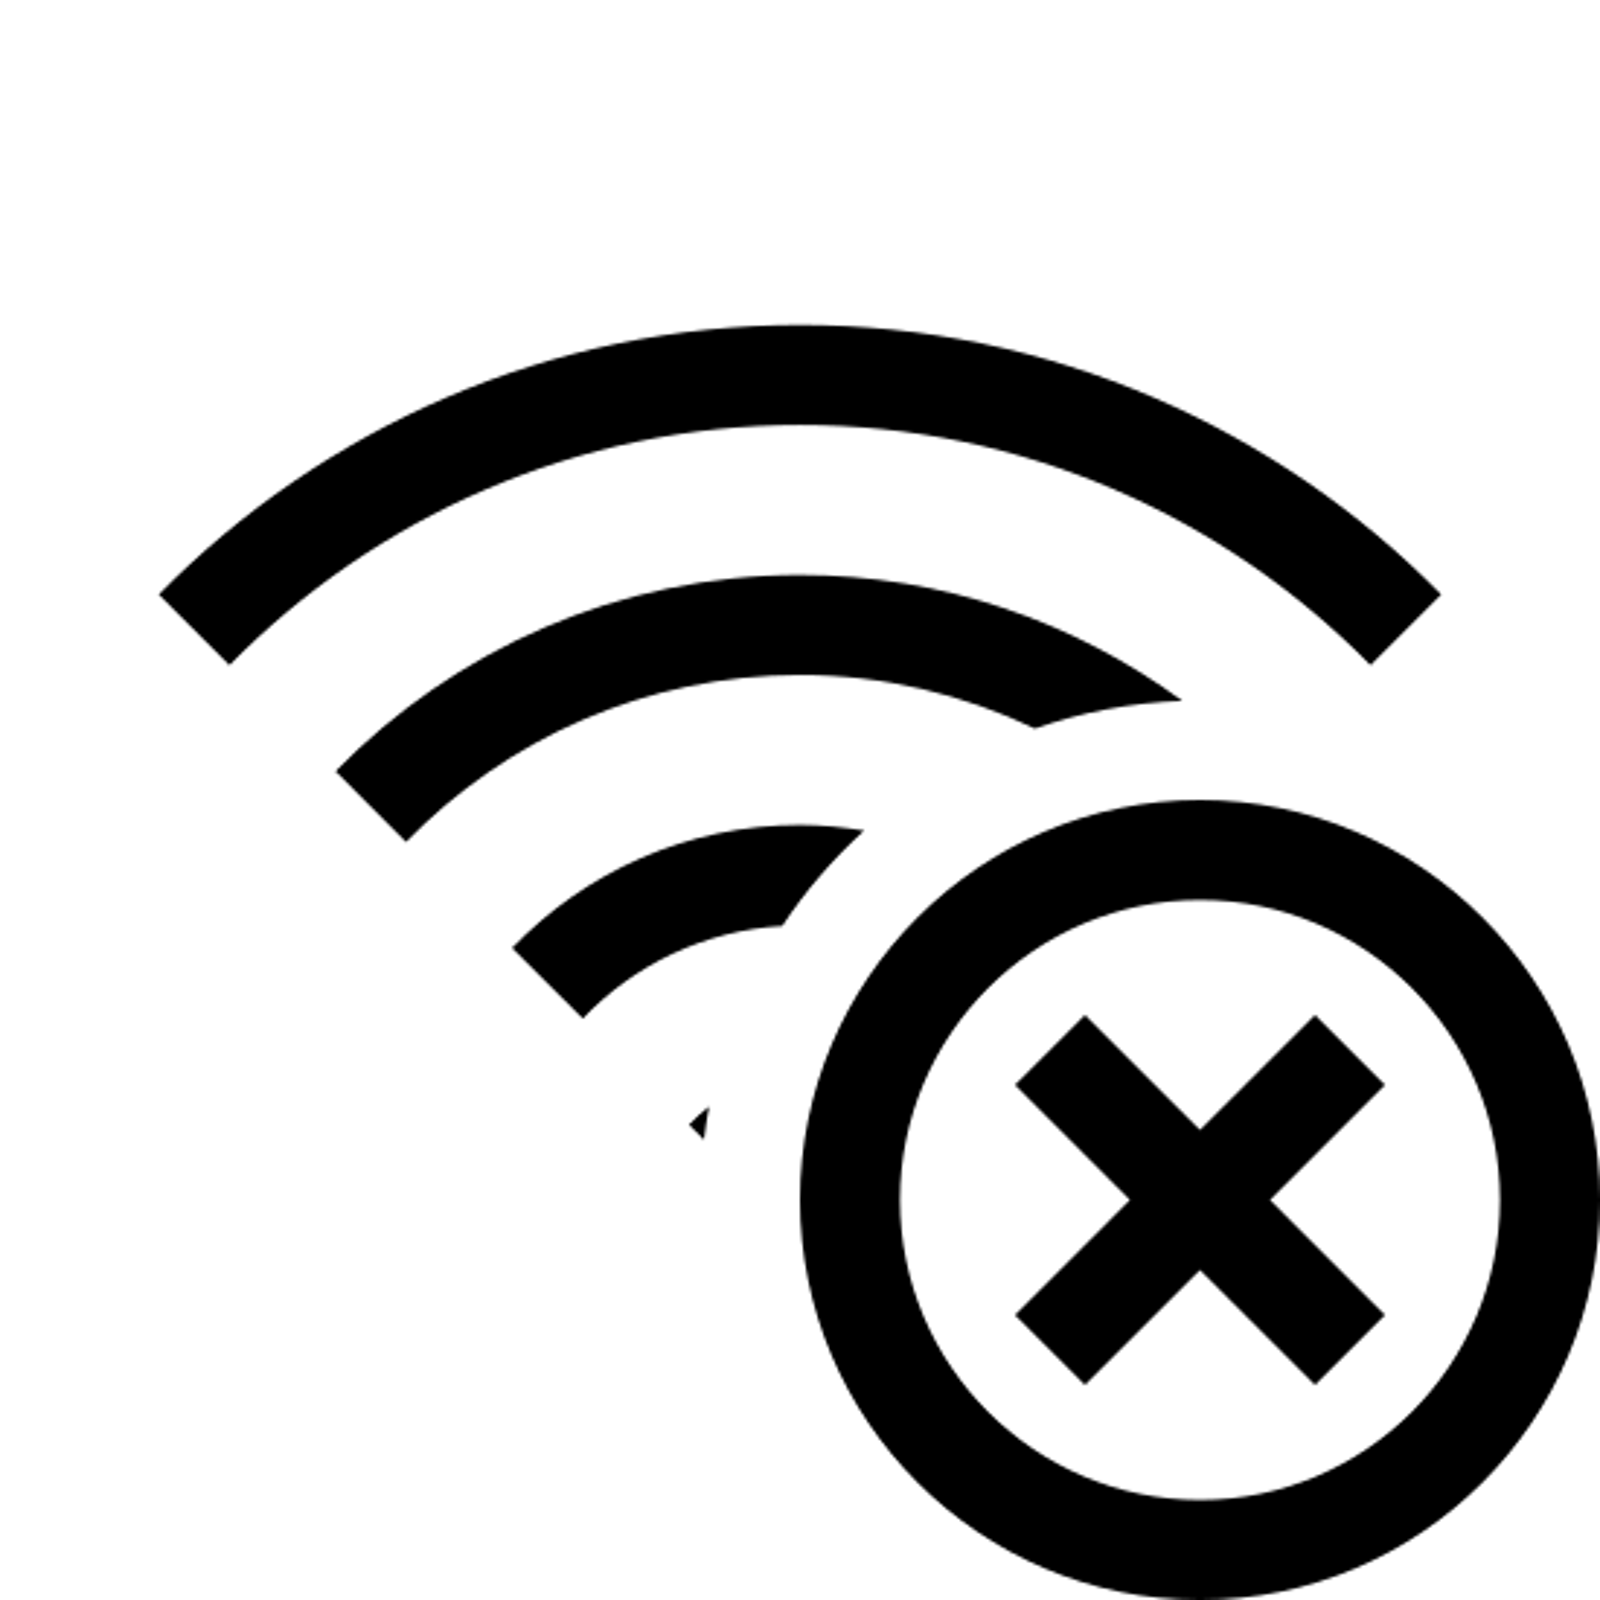 17401 0 73356 Sans fil connecté désactivé Mobile icon